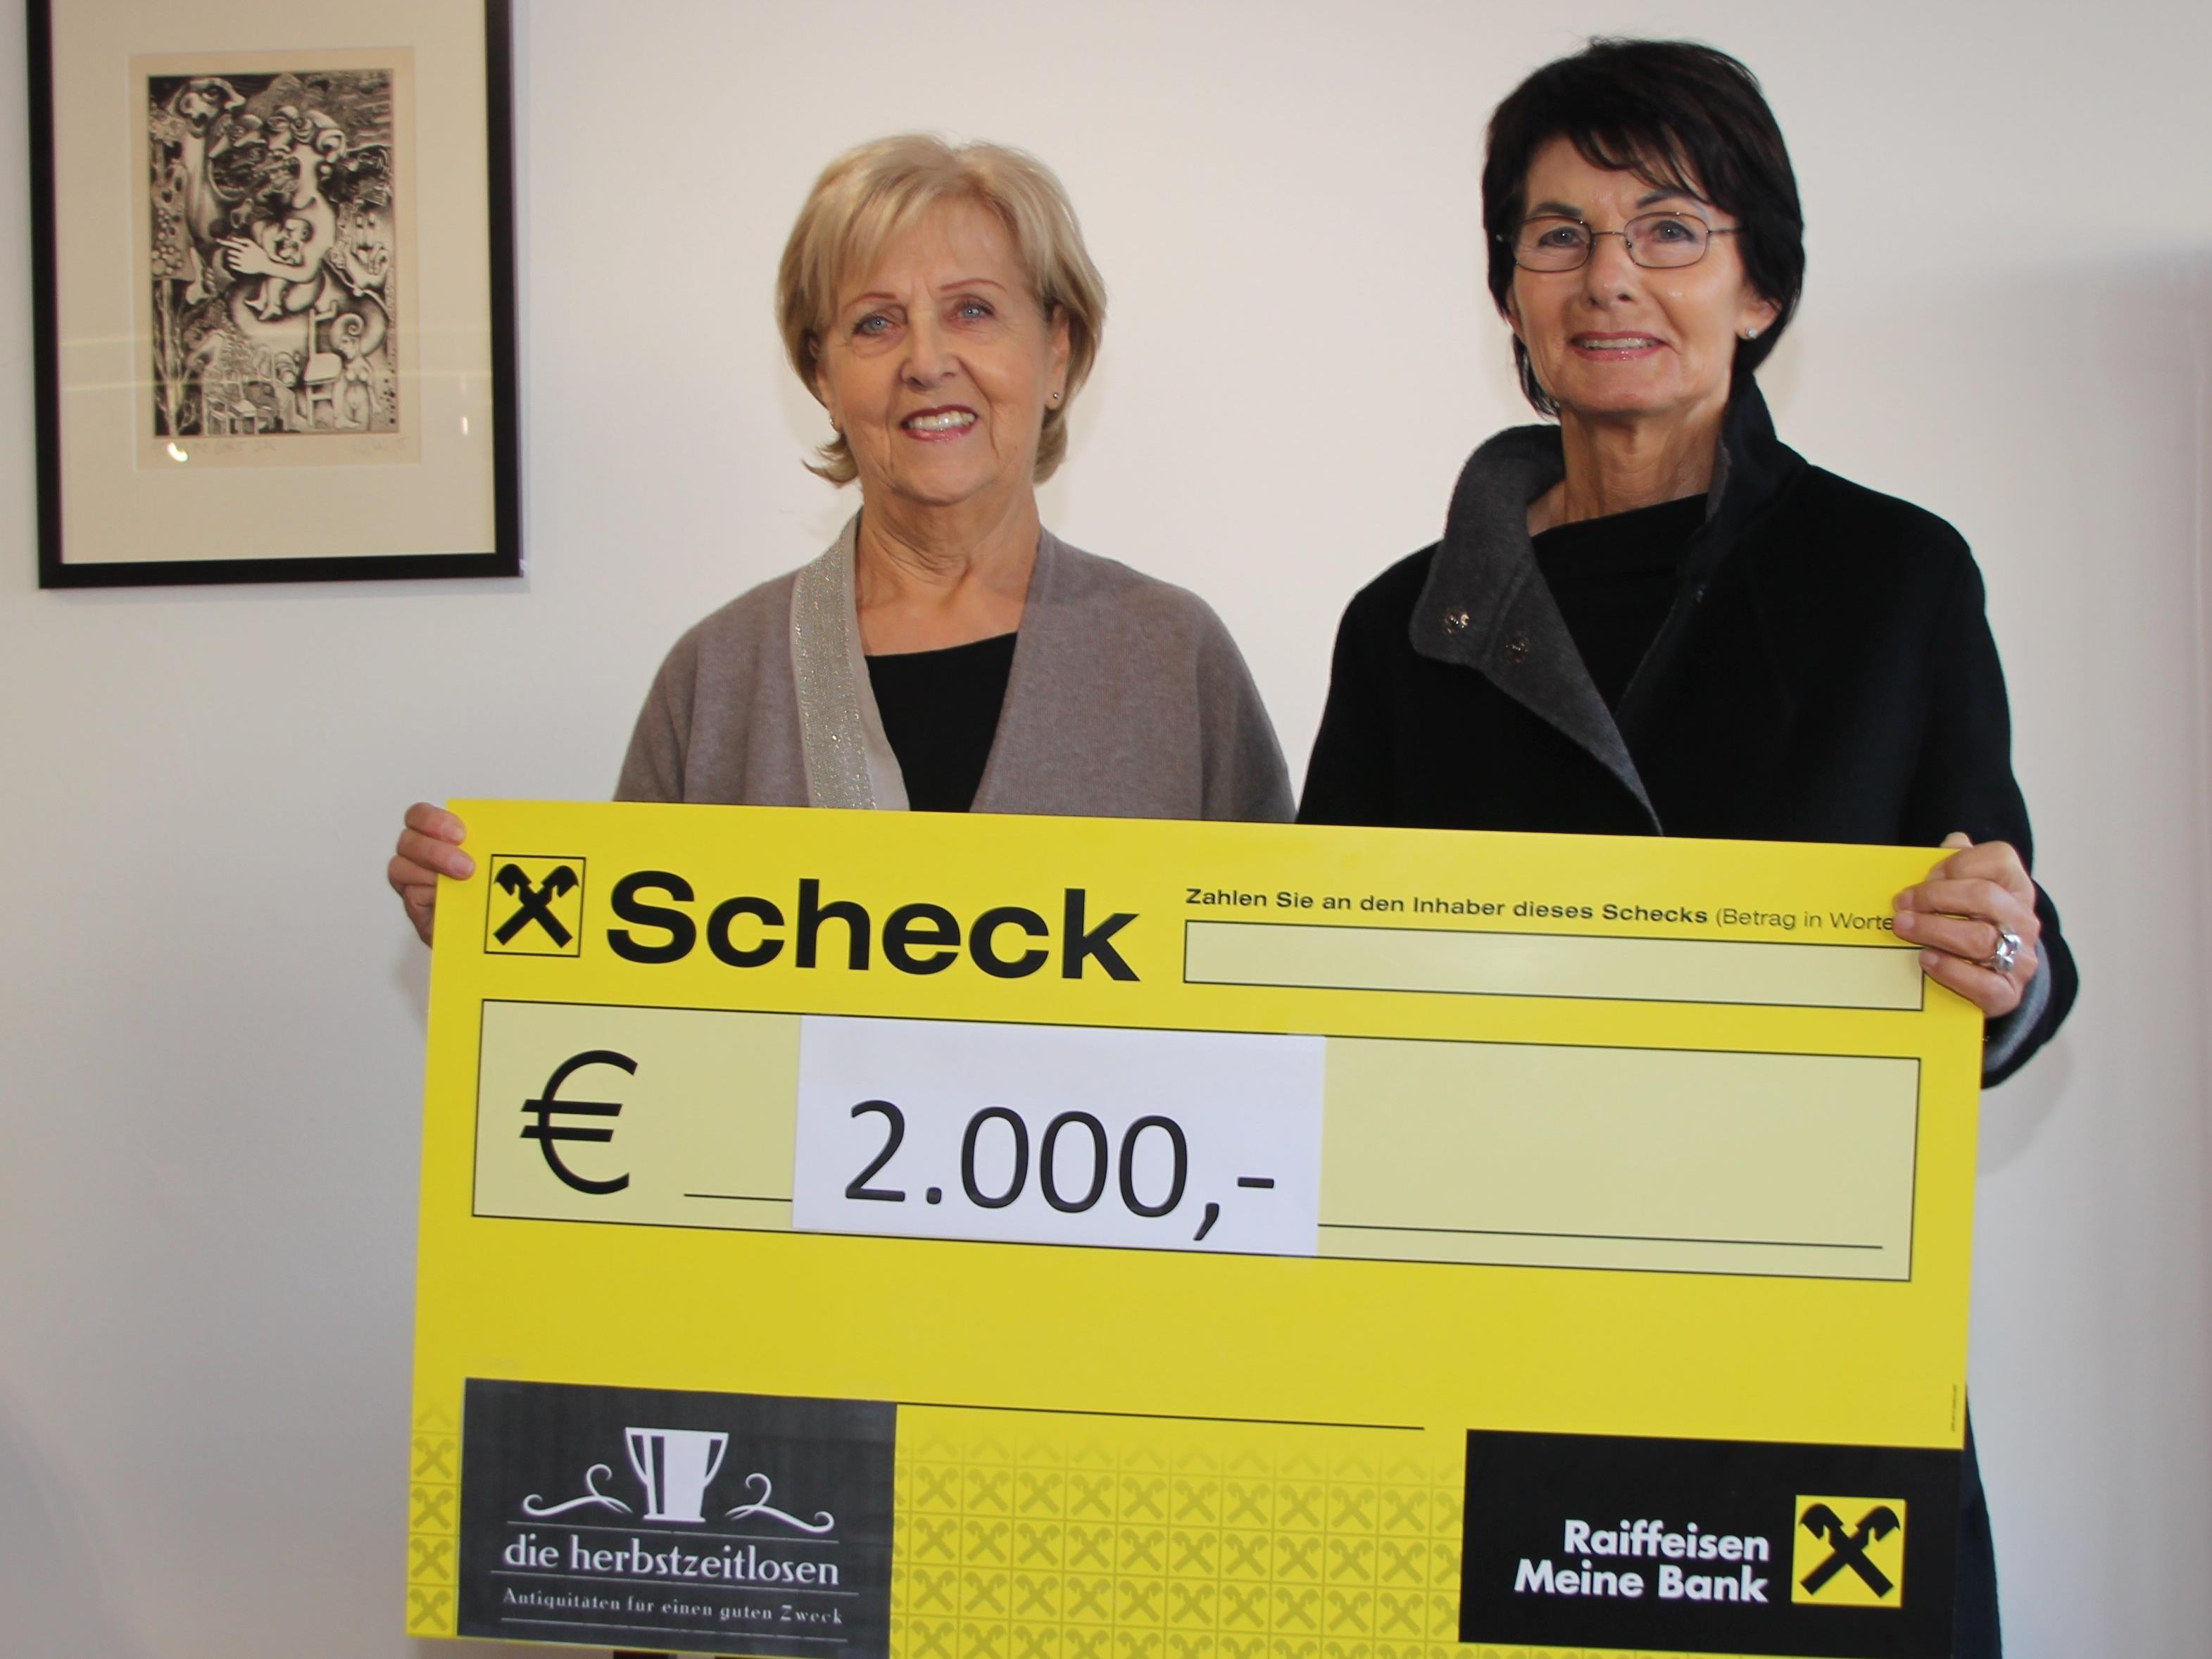 v.l. Margit Fleisch überreicht den Scheck an Inge Sulzer